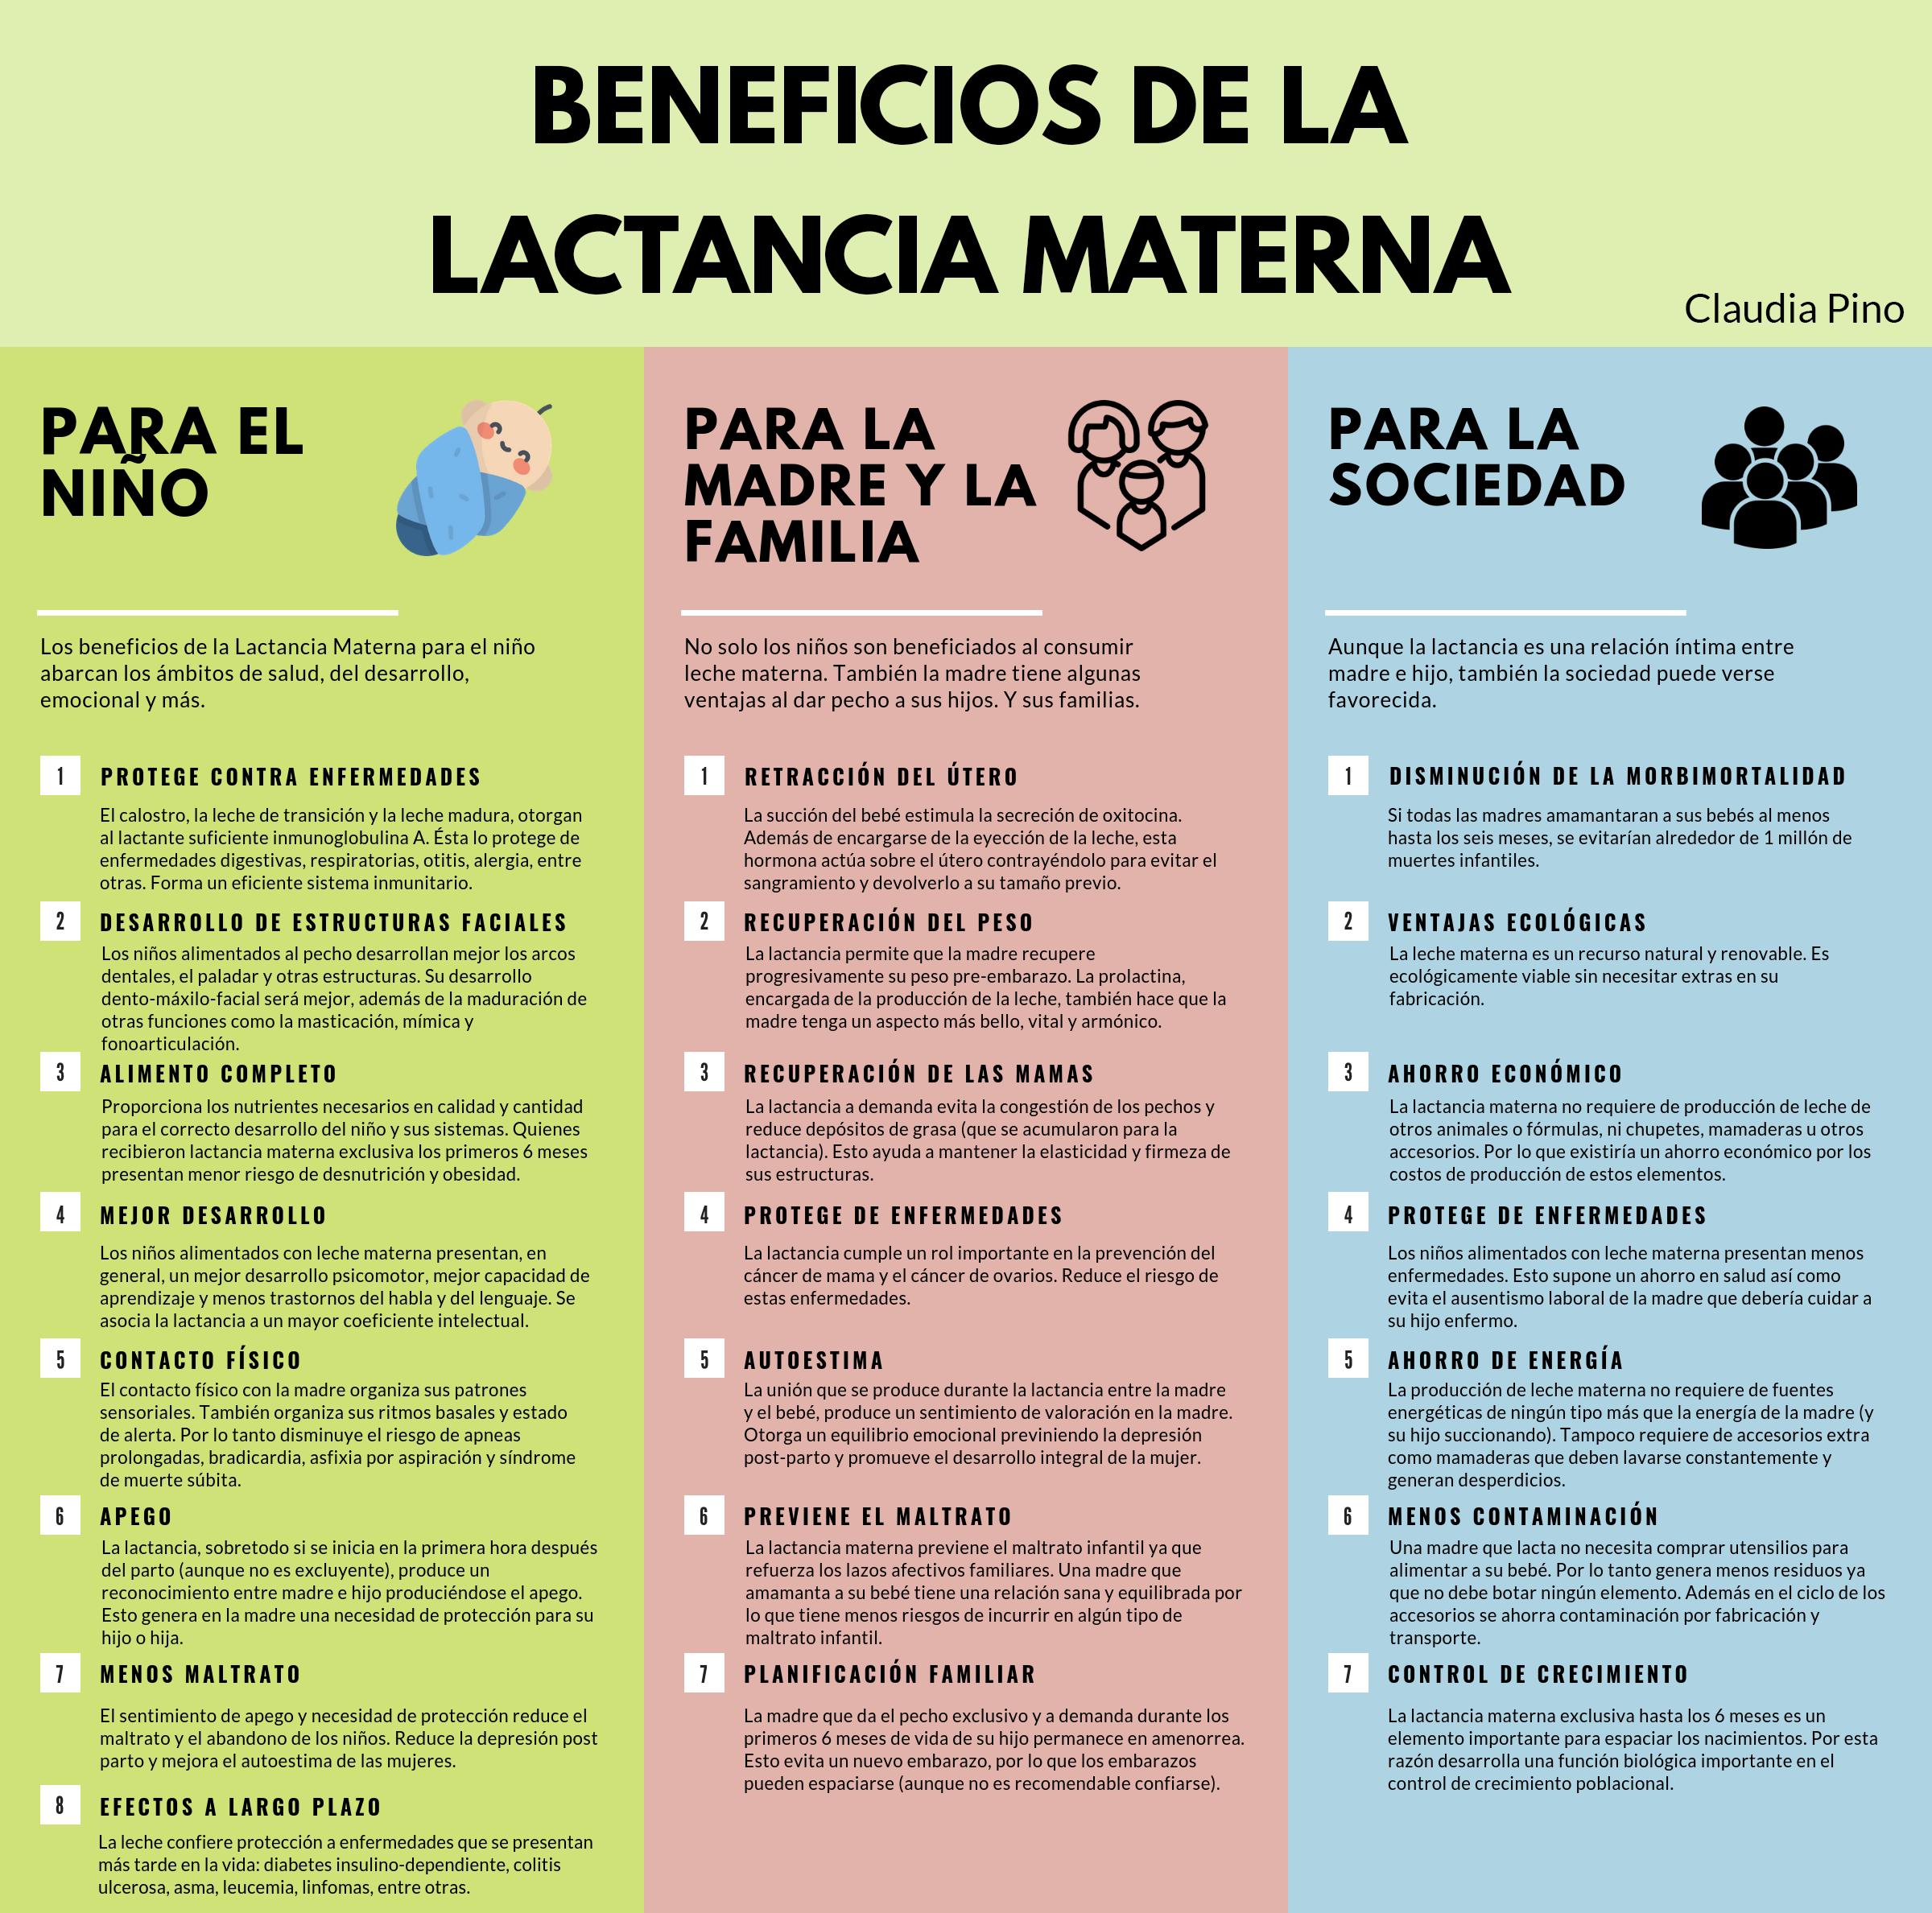 sale online best online running shoes Beneficios de la Lactancia Materna